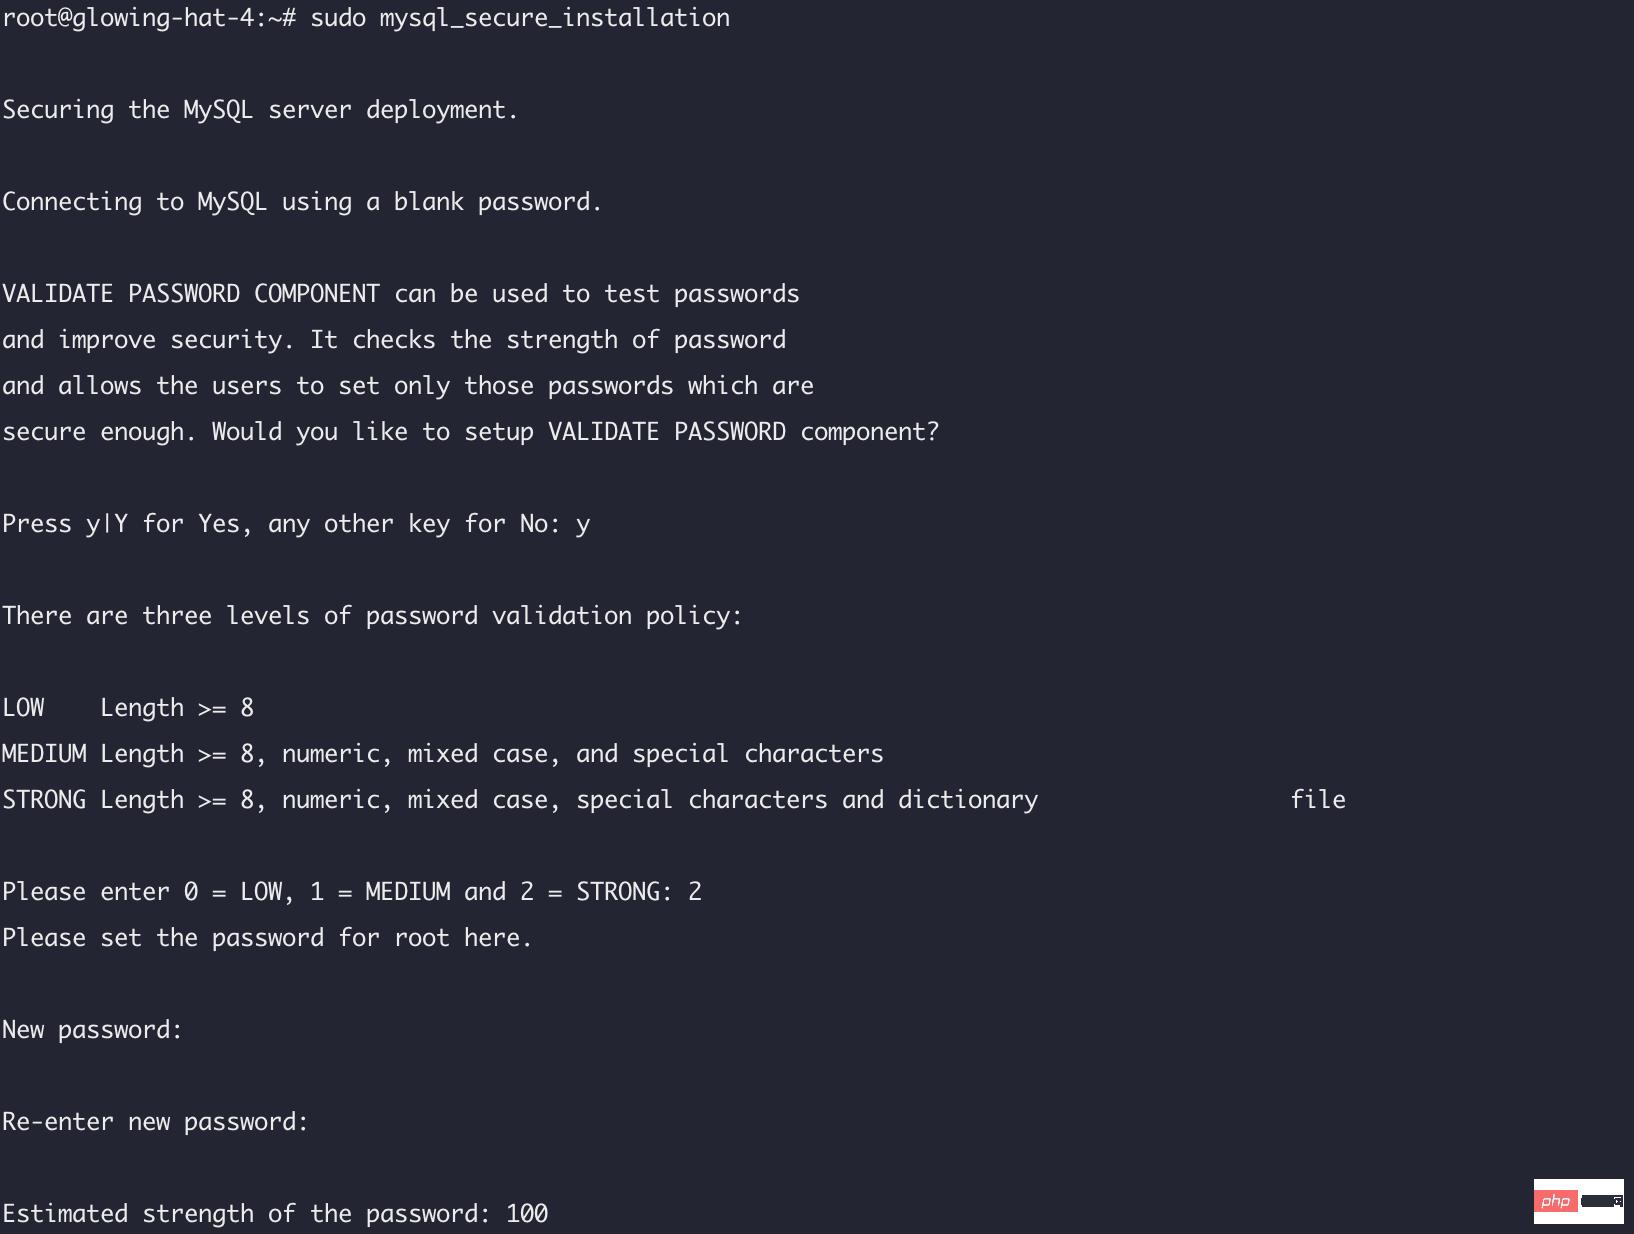 【学程】Wordpress海内网速急加快及防Ddos进犯快捷Cf切换-Wordpress升级插件中出现维护怎么解决 E7Bca0Ba7B6Fa00E2Ad19D652F049Cd6 3 -